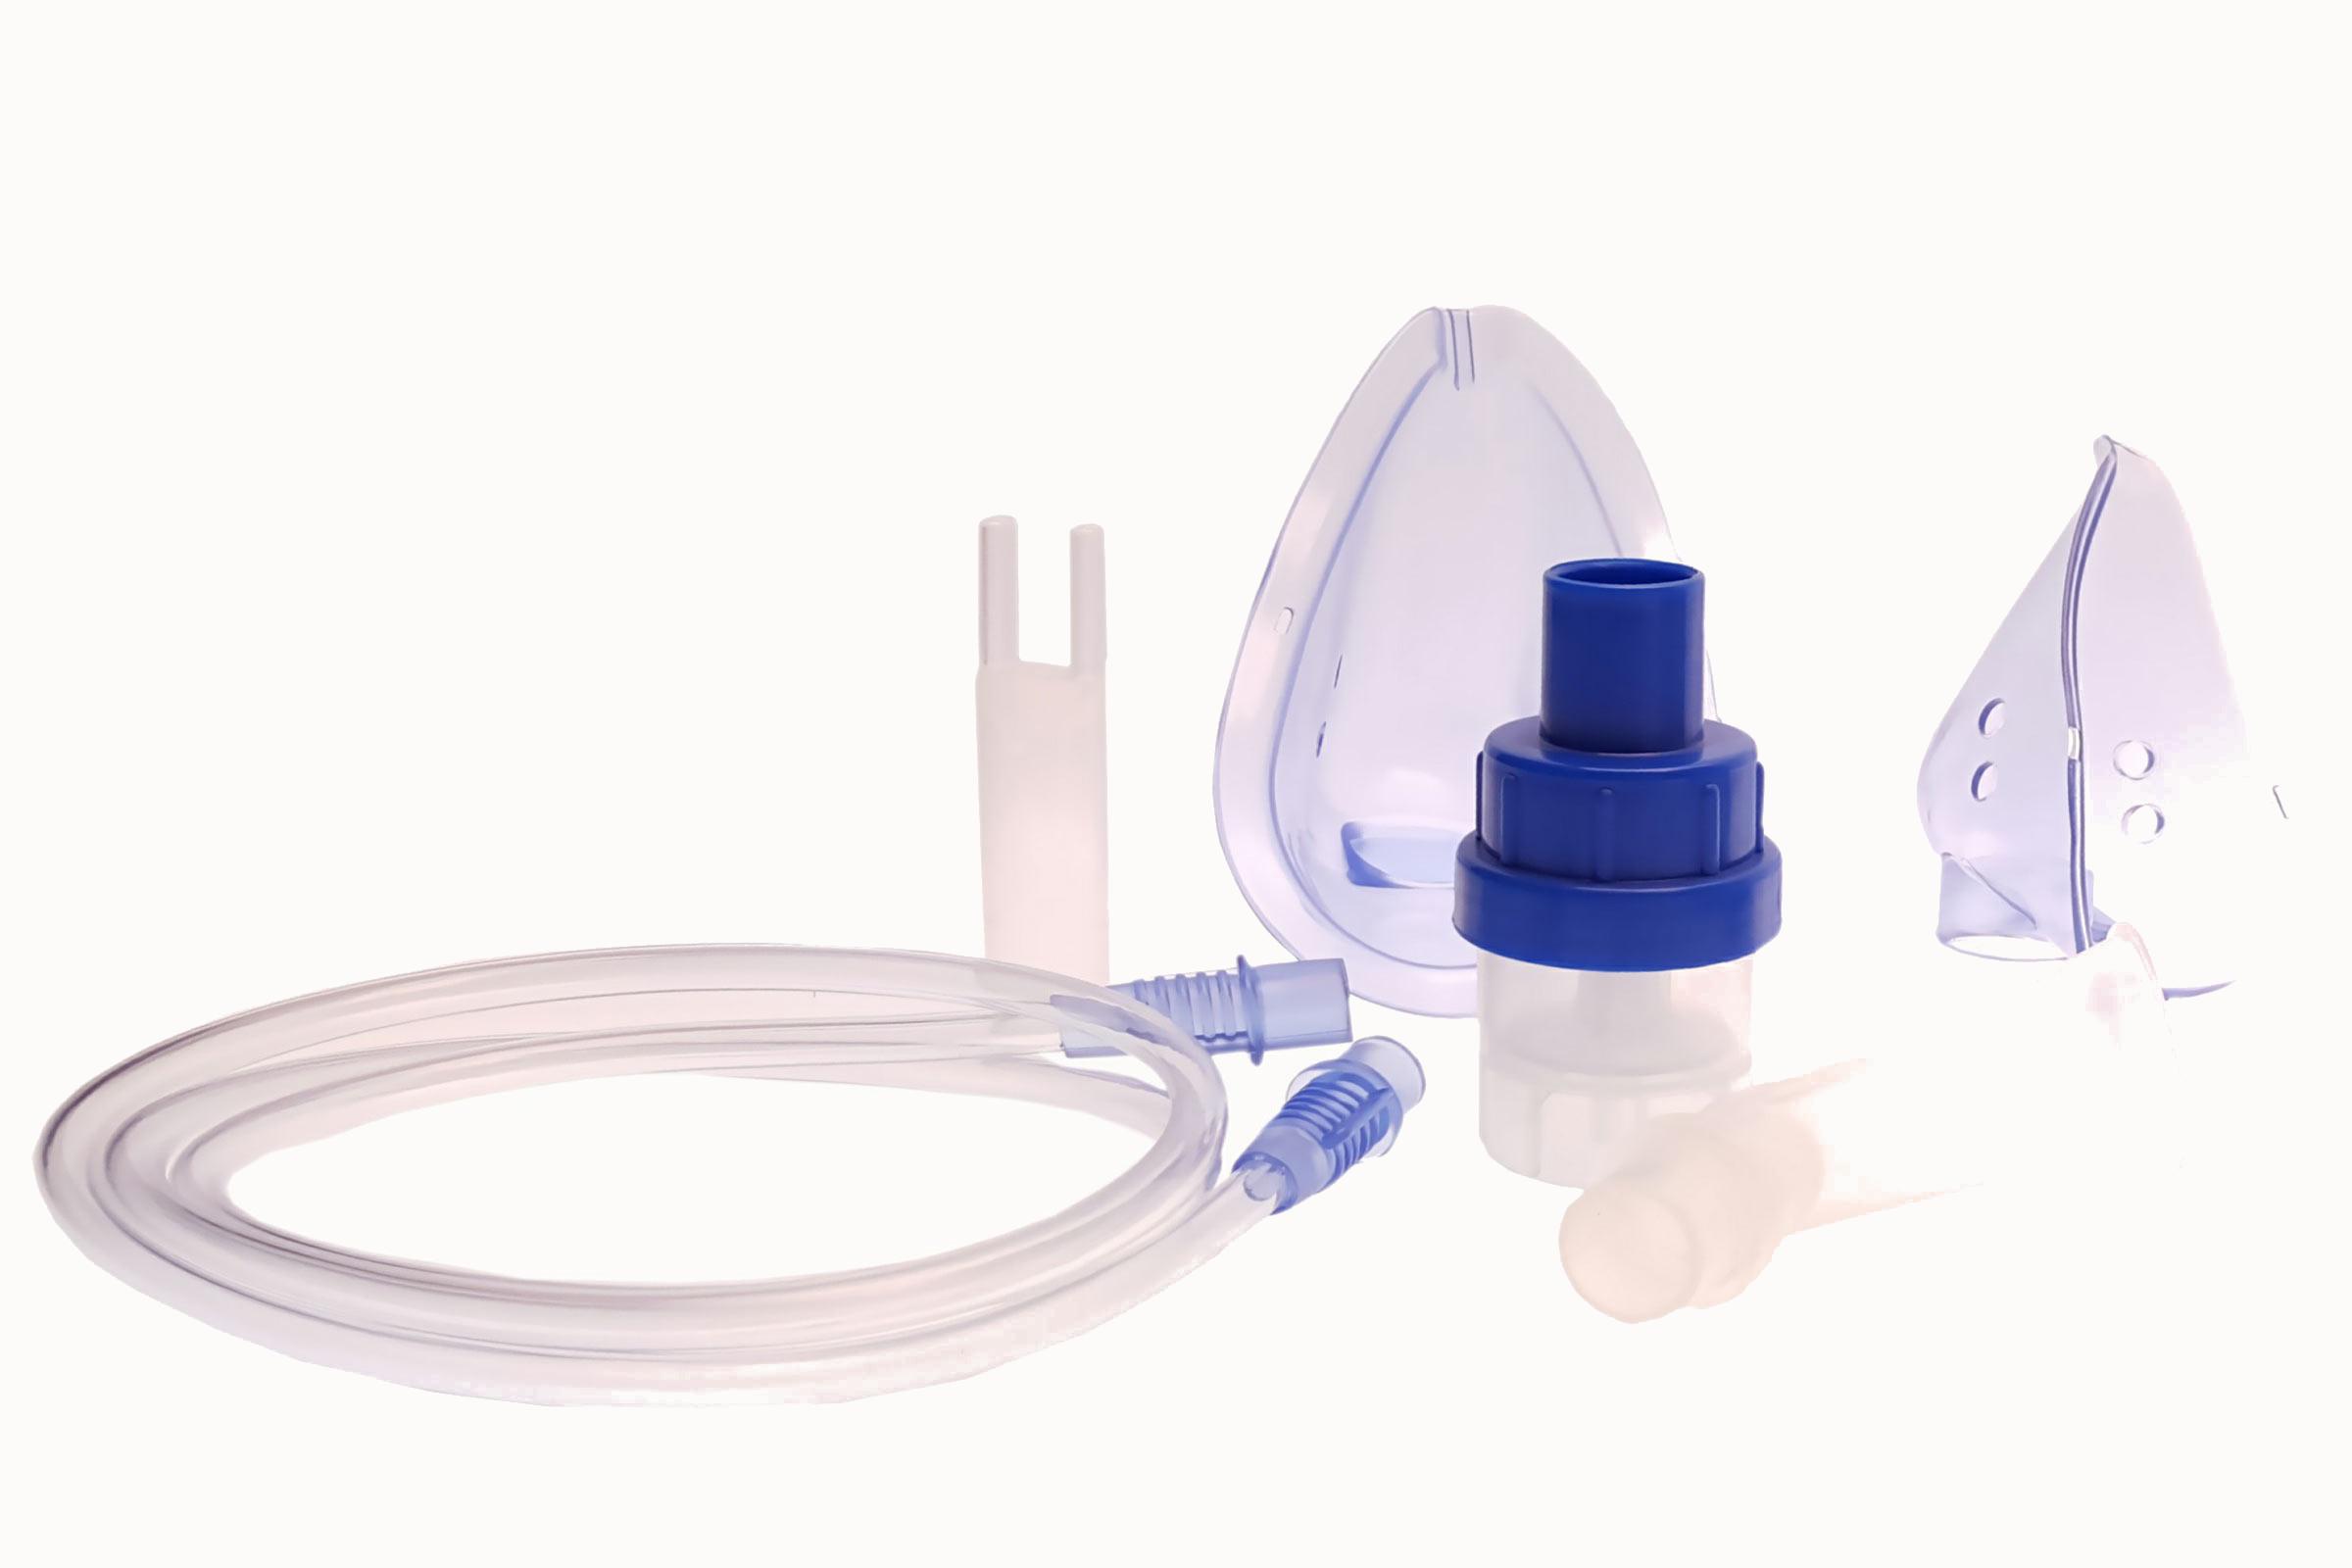 KIT per Aerosolterapia POLY in plastica - Fratelli Marchesi Srl